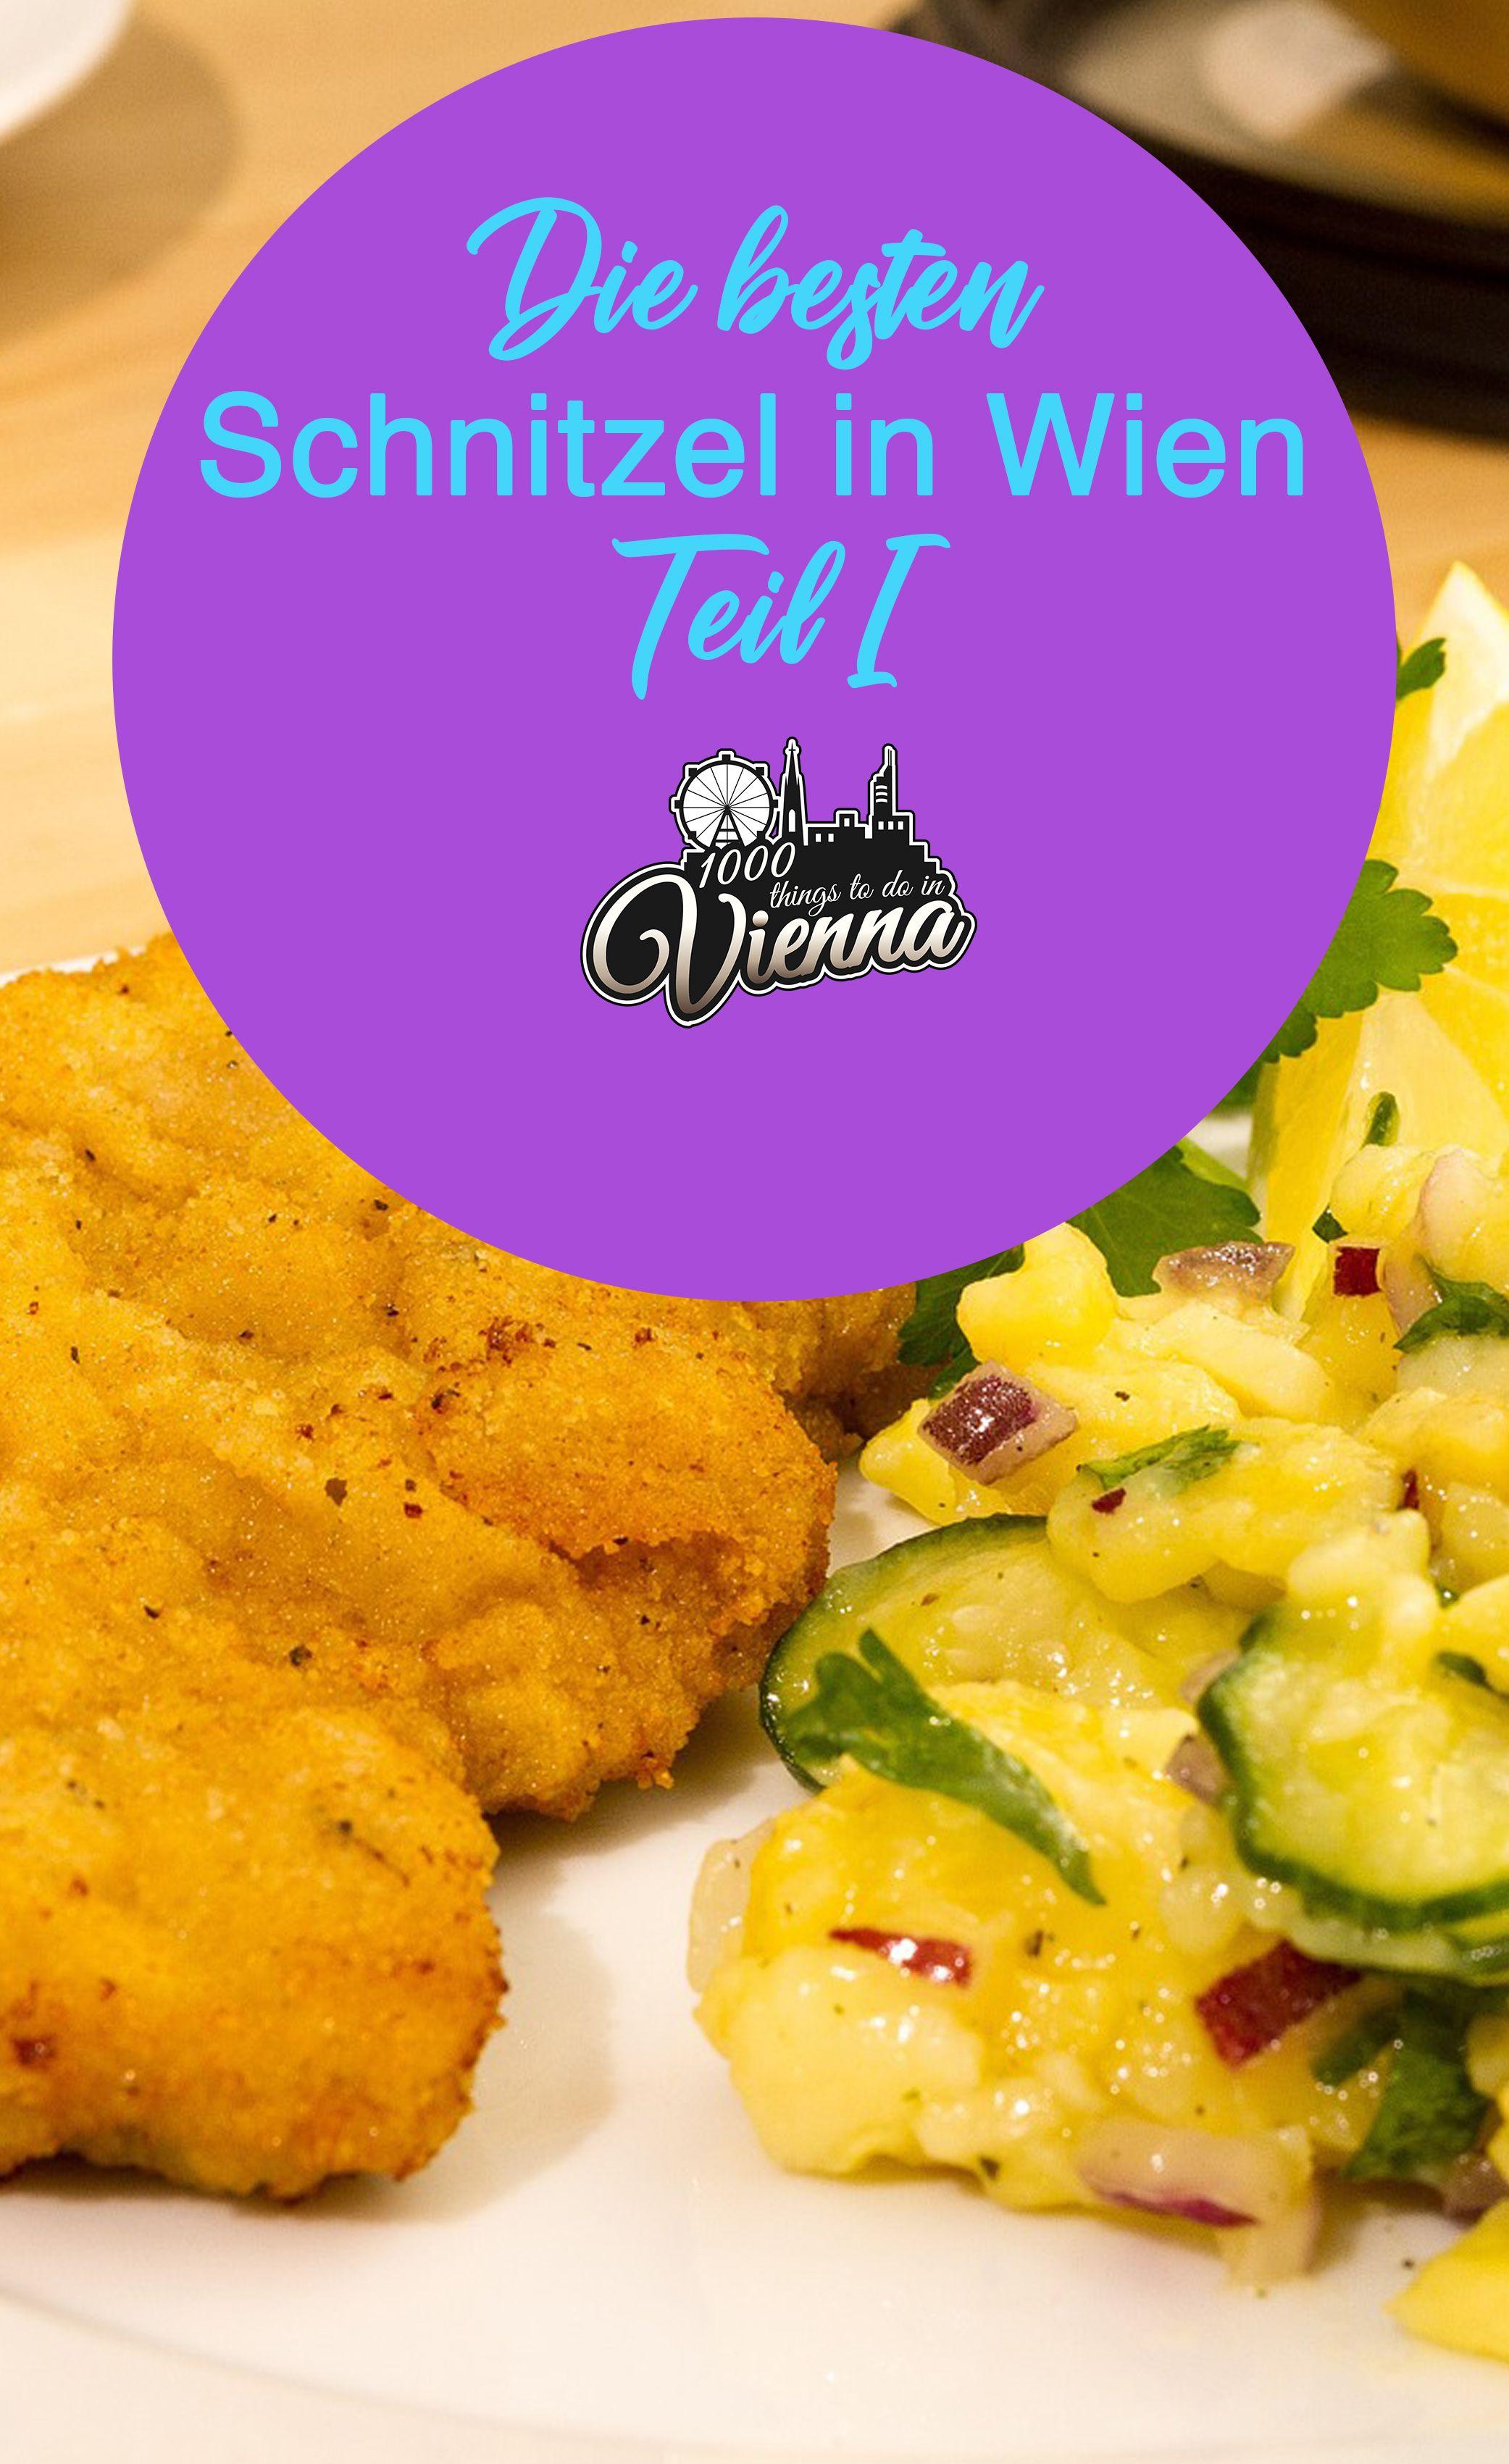 Wo Man In Wien Die Besten Schnitzel Geniesst Teil 1 Wiener Schnitzel Rezept Essen In Wien Wien Essen